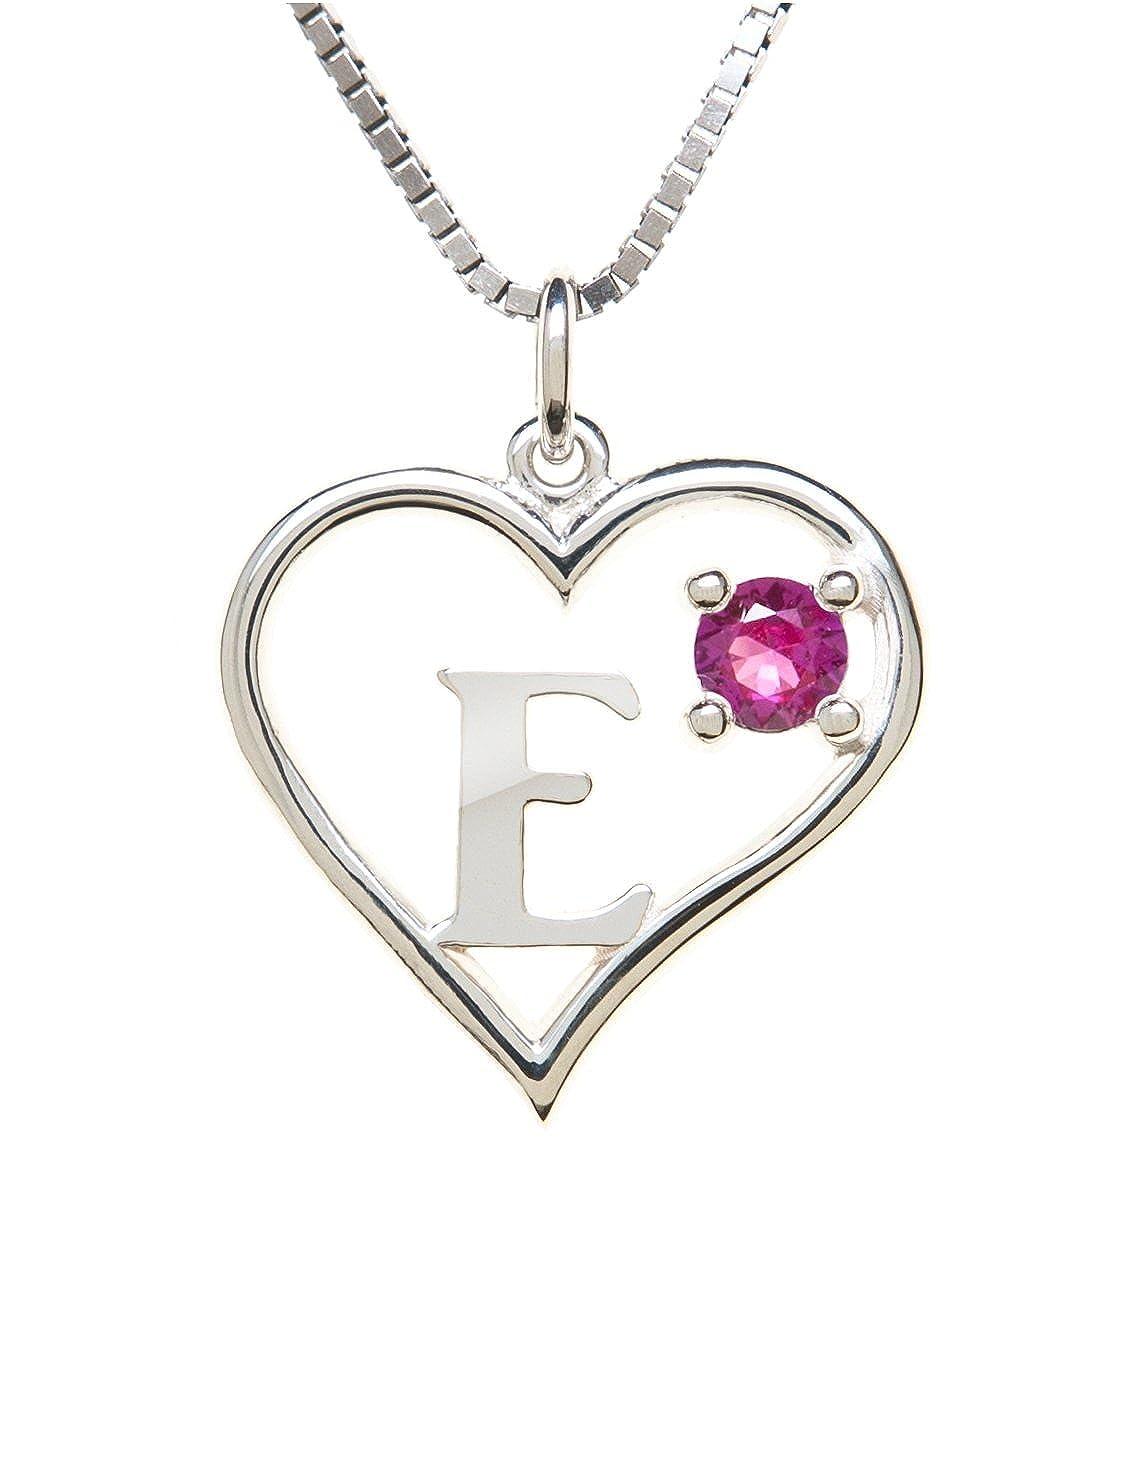 Sterling Silver Pendant Heart /& Letter E